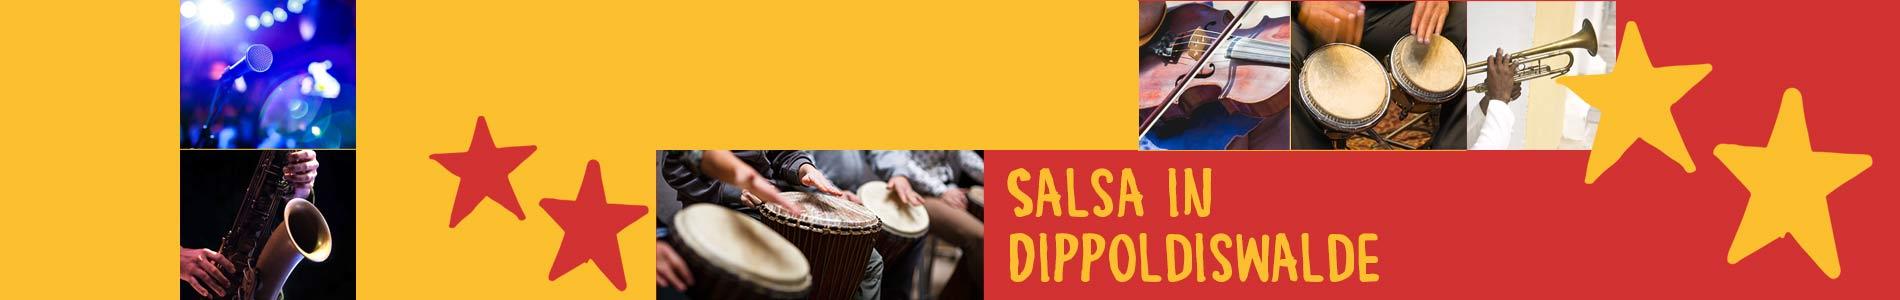 Salsa in Dippoldiswalde – Salsa lernen und tanzen, Tanzkurse, Partys, Veranstaltungen